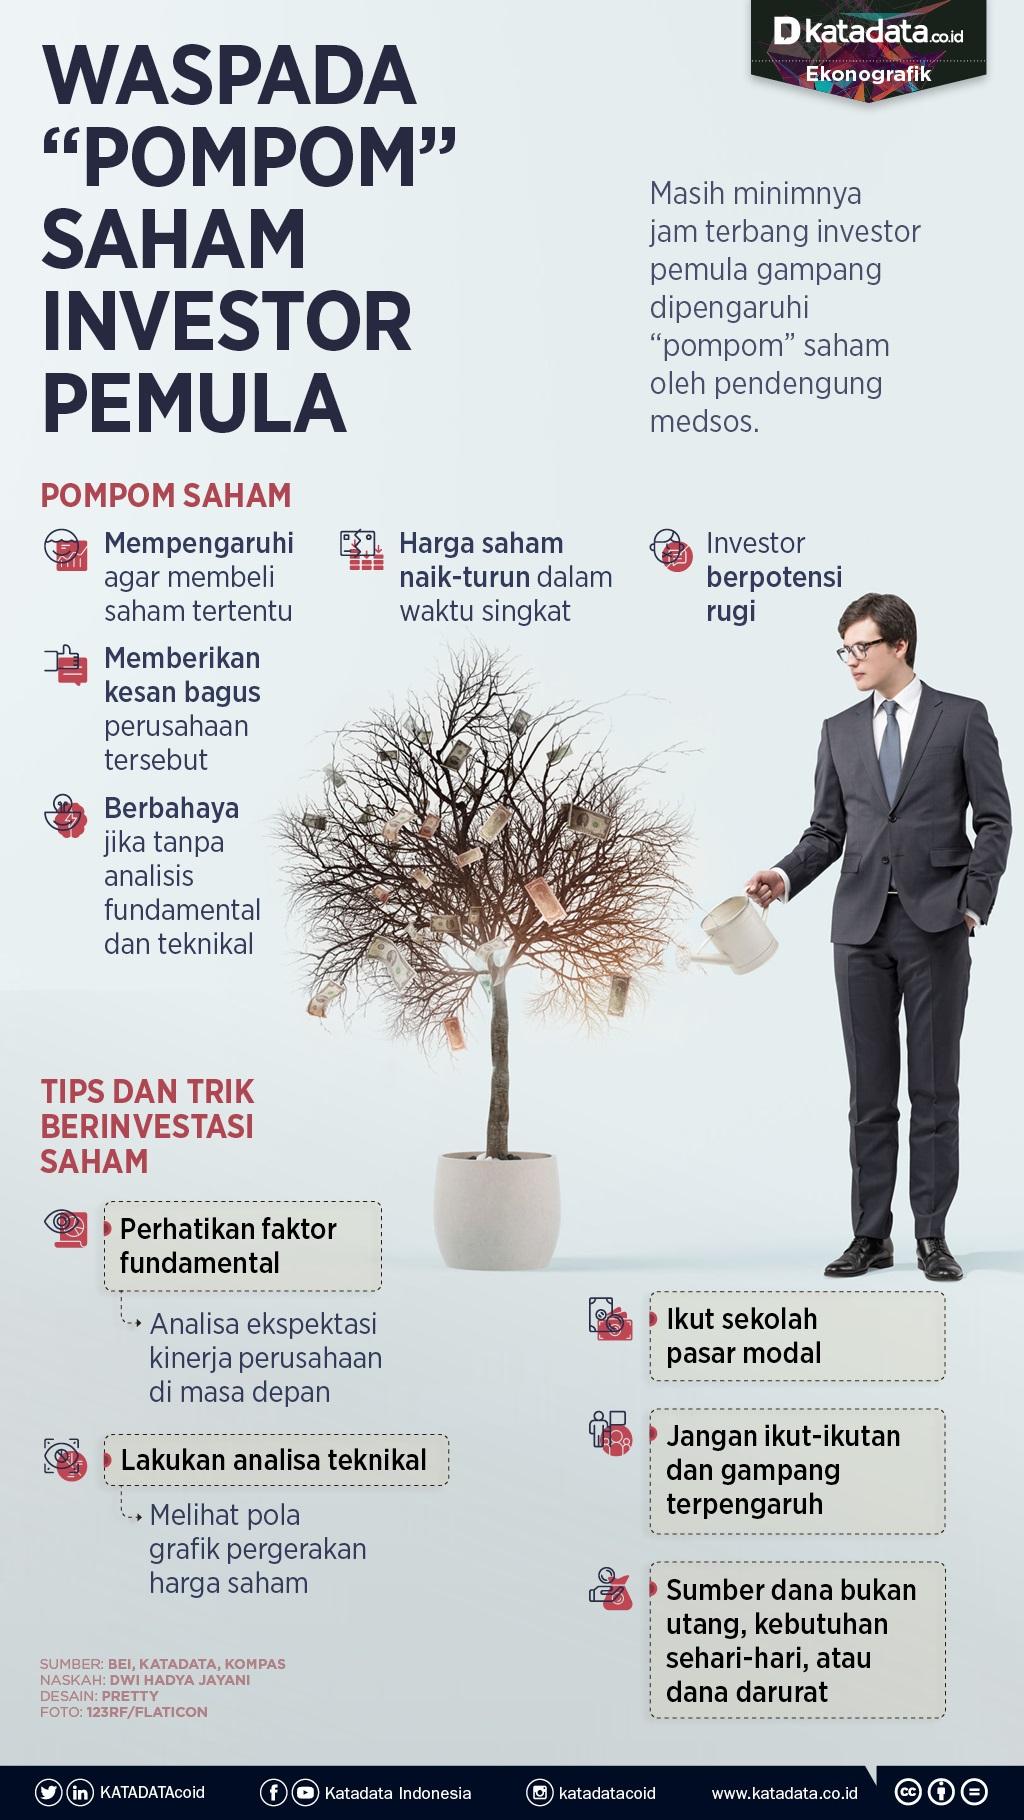 Infografik_Waspada pompom saham investor pemula